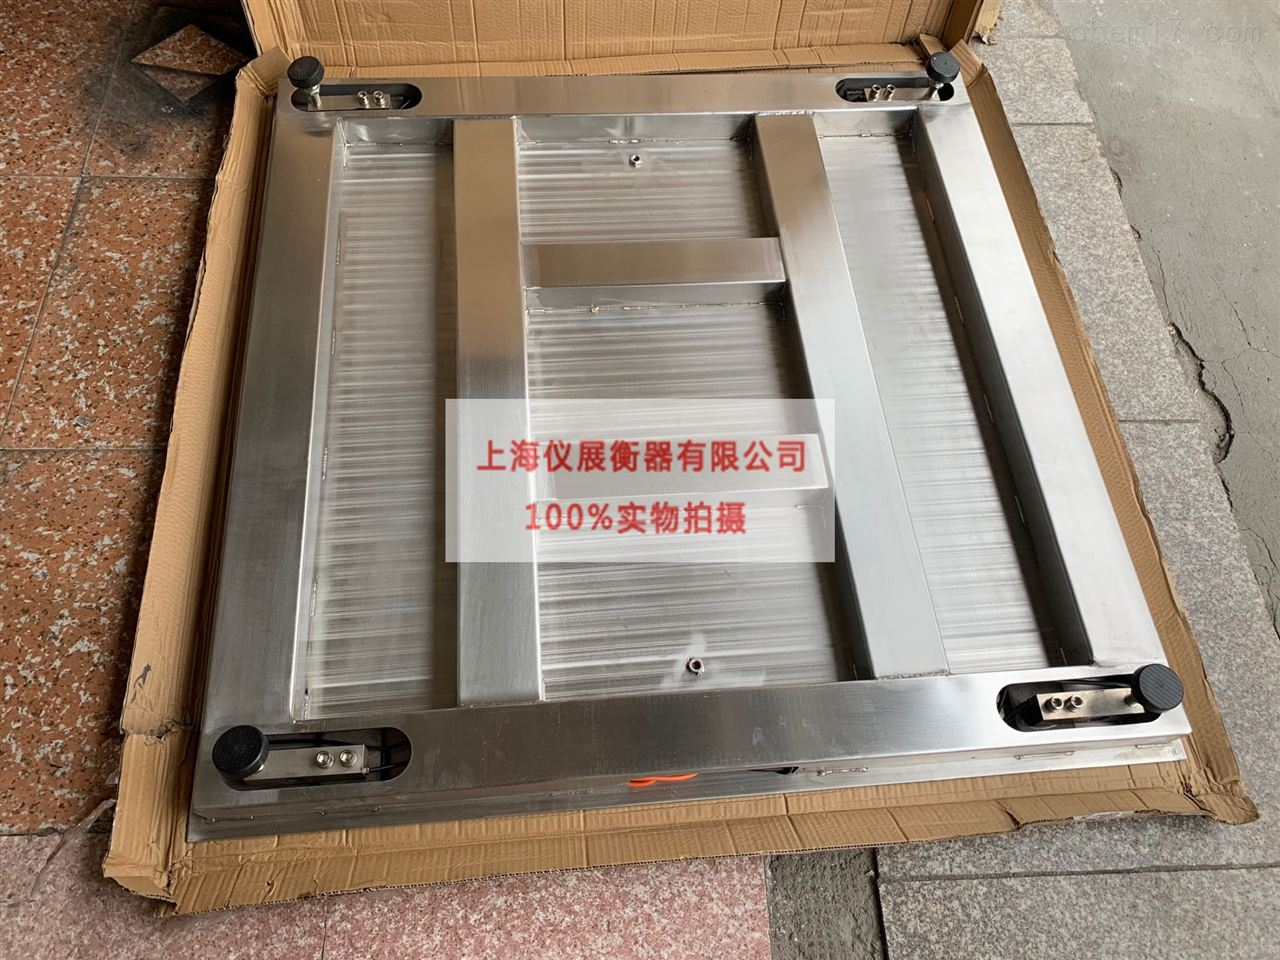 3吨全不锈钢制作的电子地磅 上海地磅生产厂